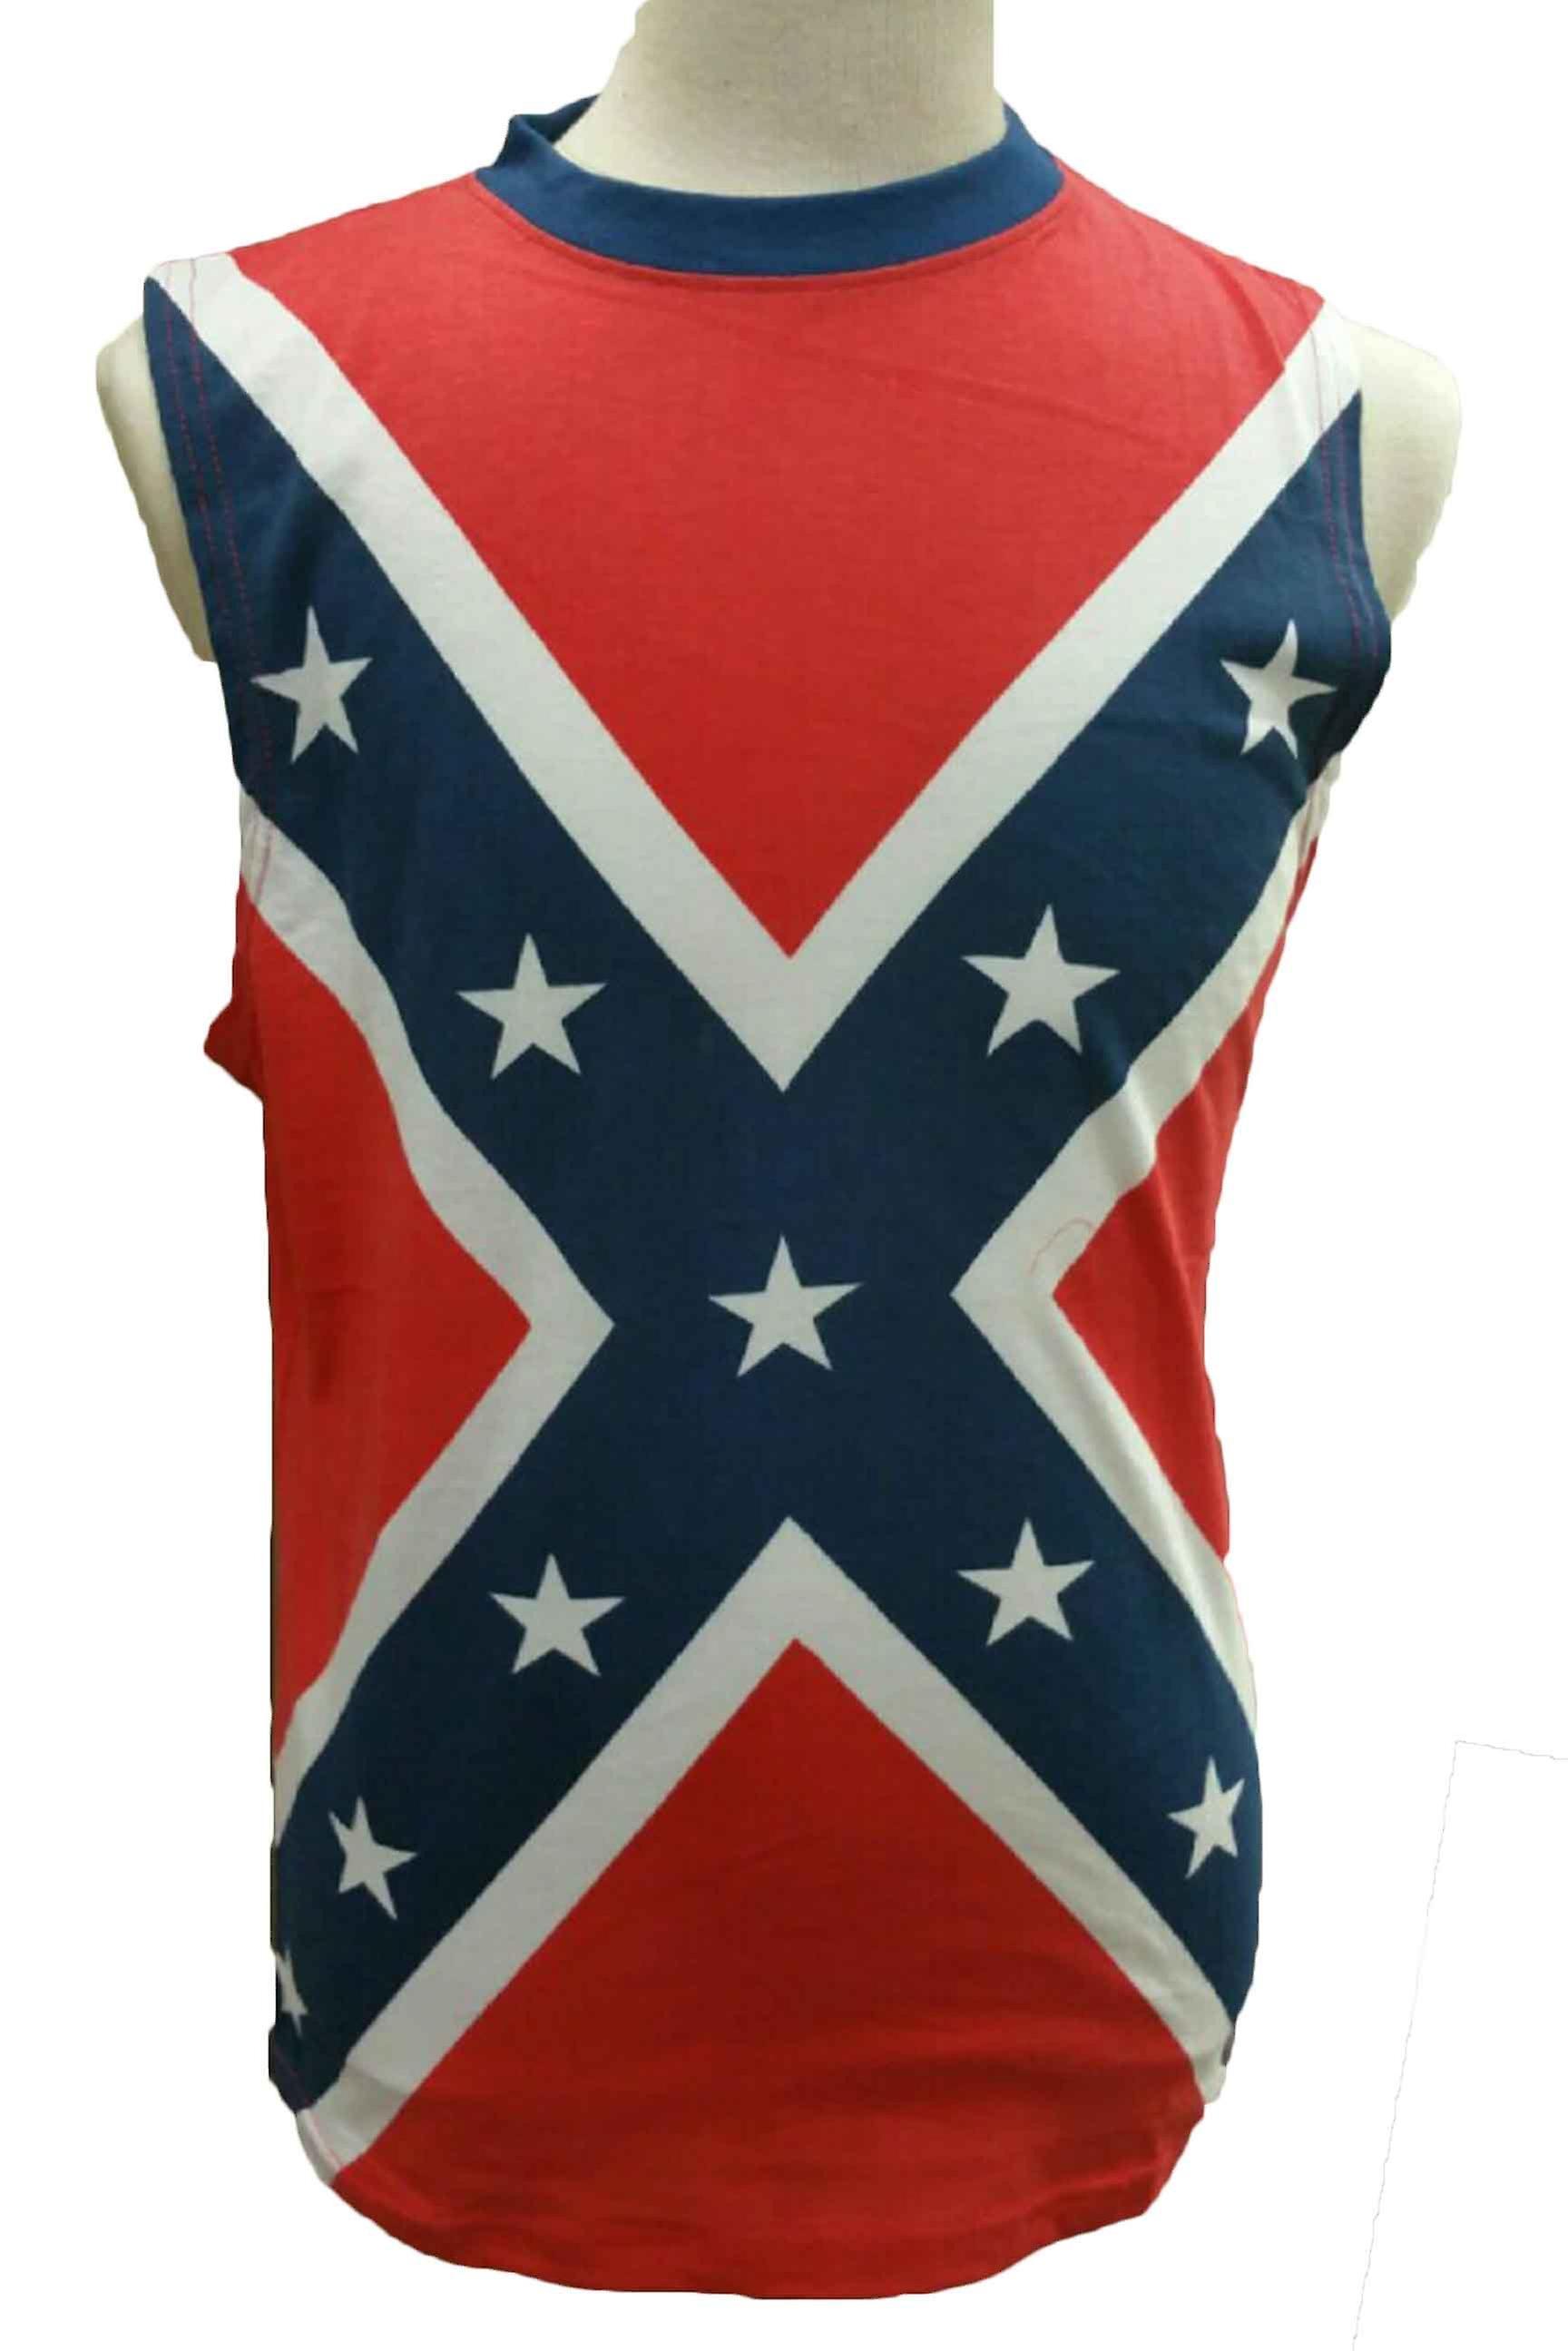 Män ' s Confederate Rebel Flag ärmlös skjorta södra Dixie Redneck Pride